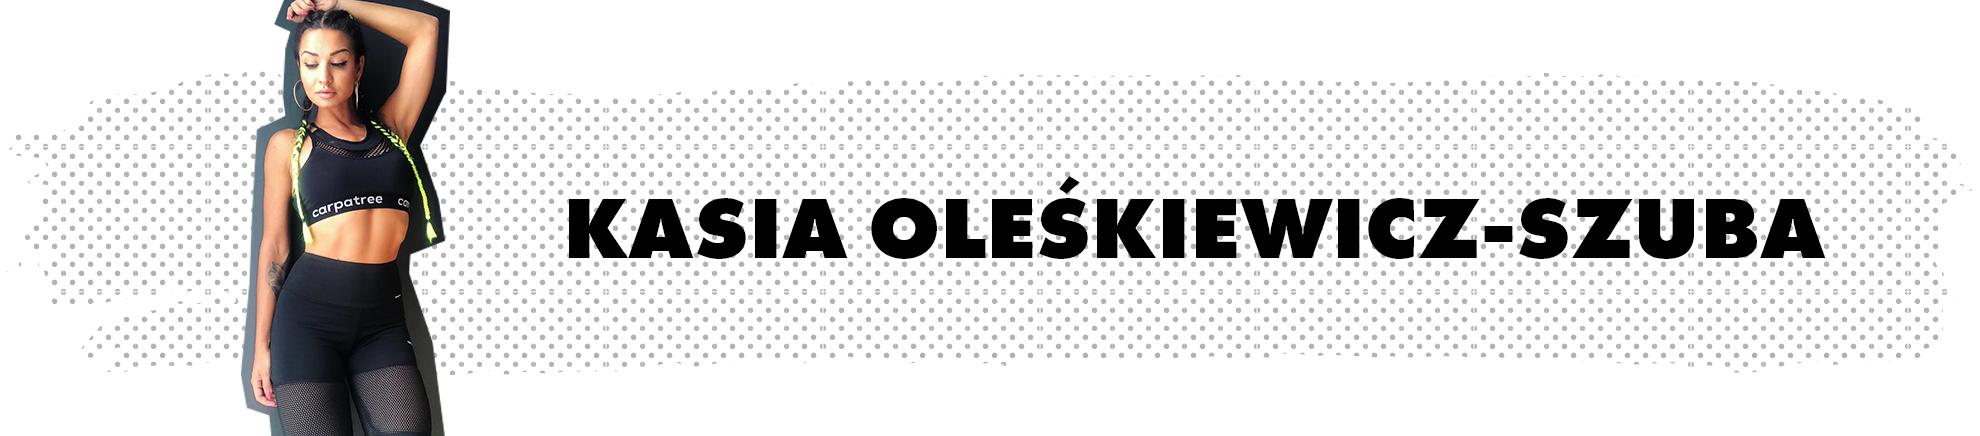 Kasia Oleśkiewicz-Szuba - ambasadorka marki Carpatree